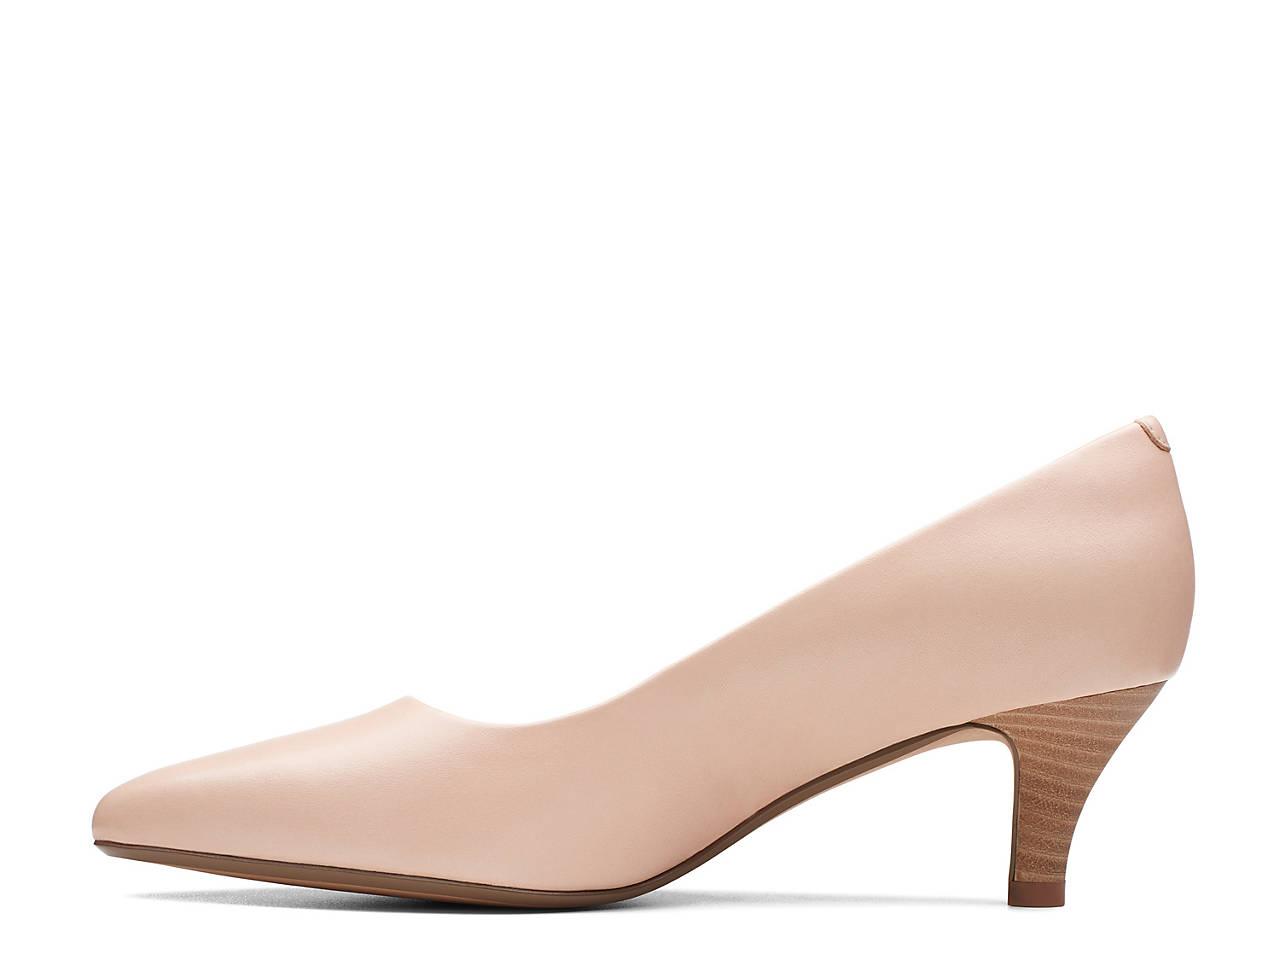 f74dd3c0fea0 Clarks Linvale Jerica Pump Women s Shoes